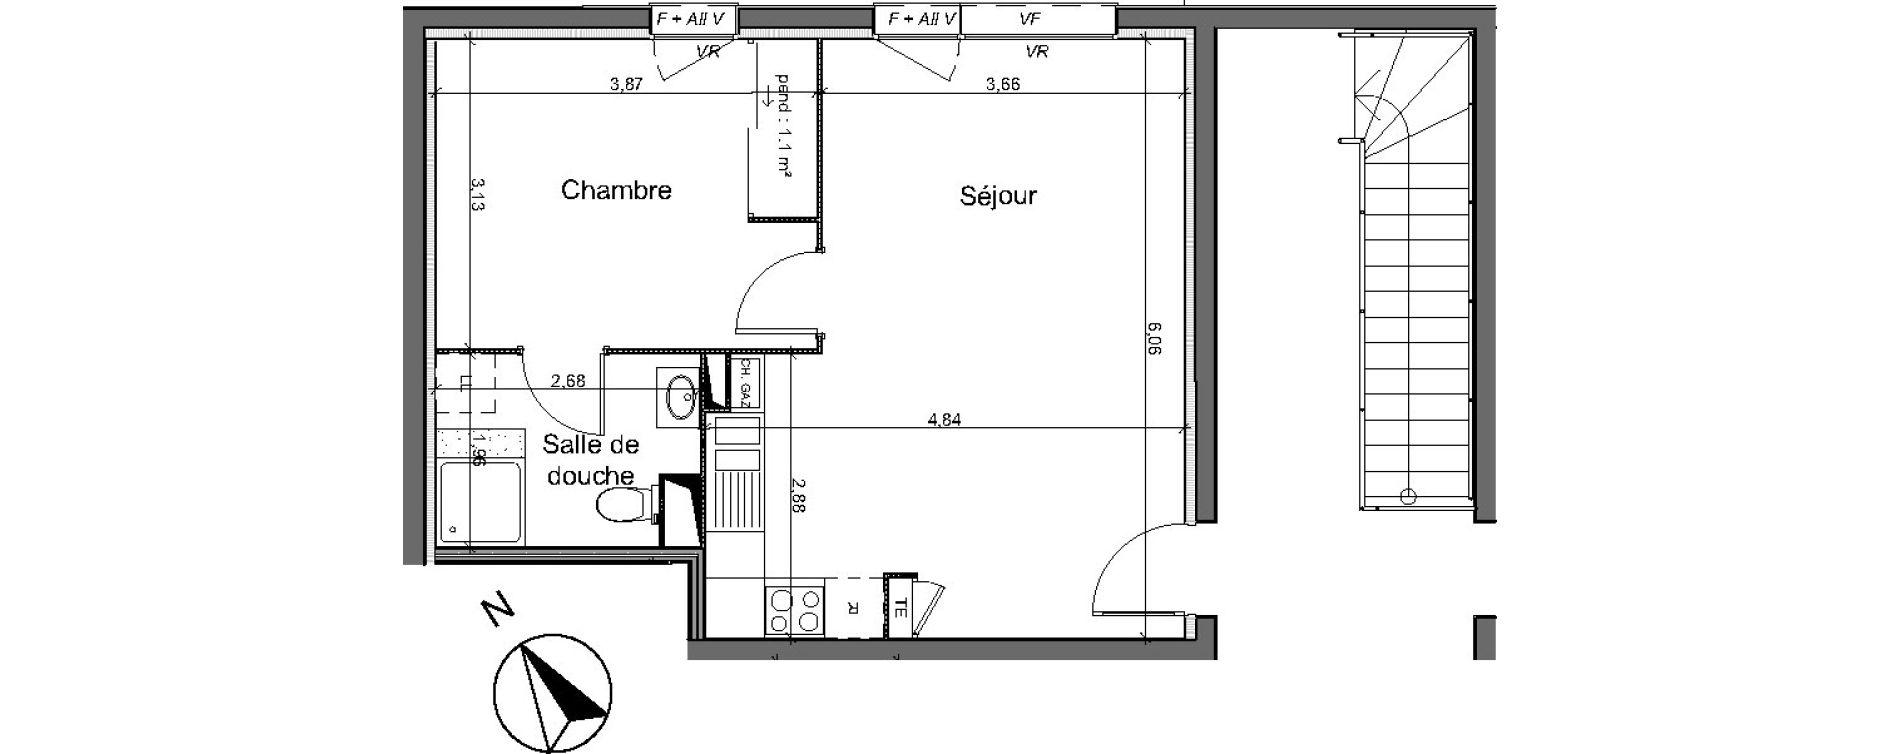 Appartement T2 de 42,20 m2 au Pian-Médoc Centre